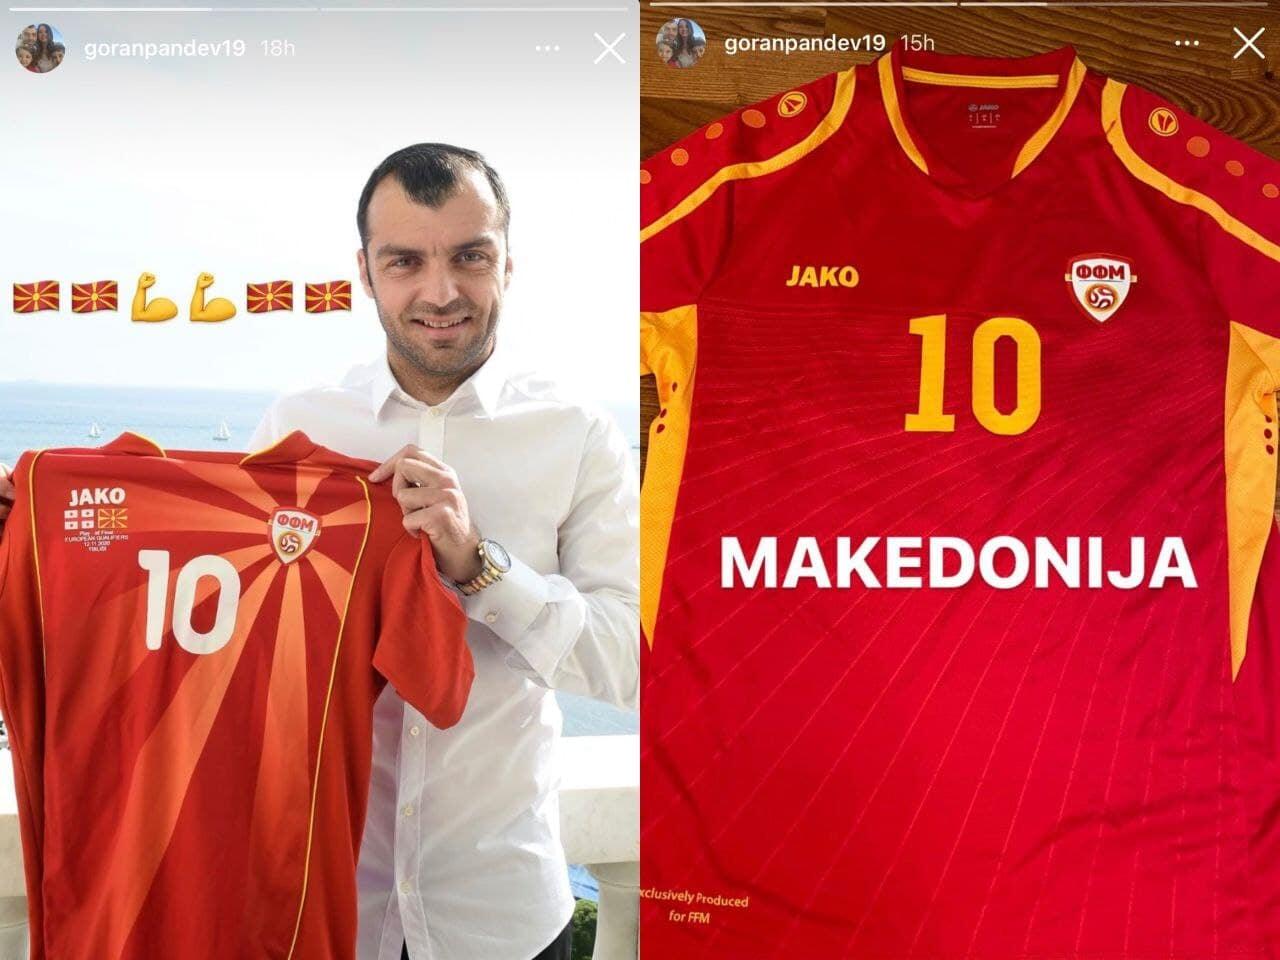 Сборная Македонии отказалась от новой формы через два дня после презентации. Все из-за протестов Пандева и фанатов